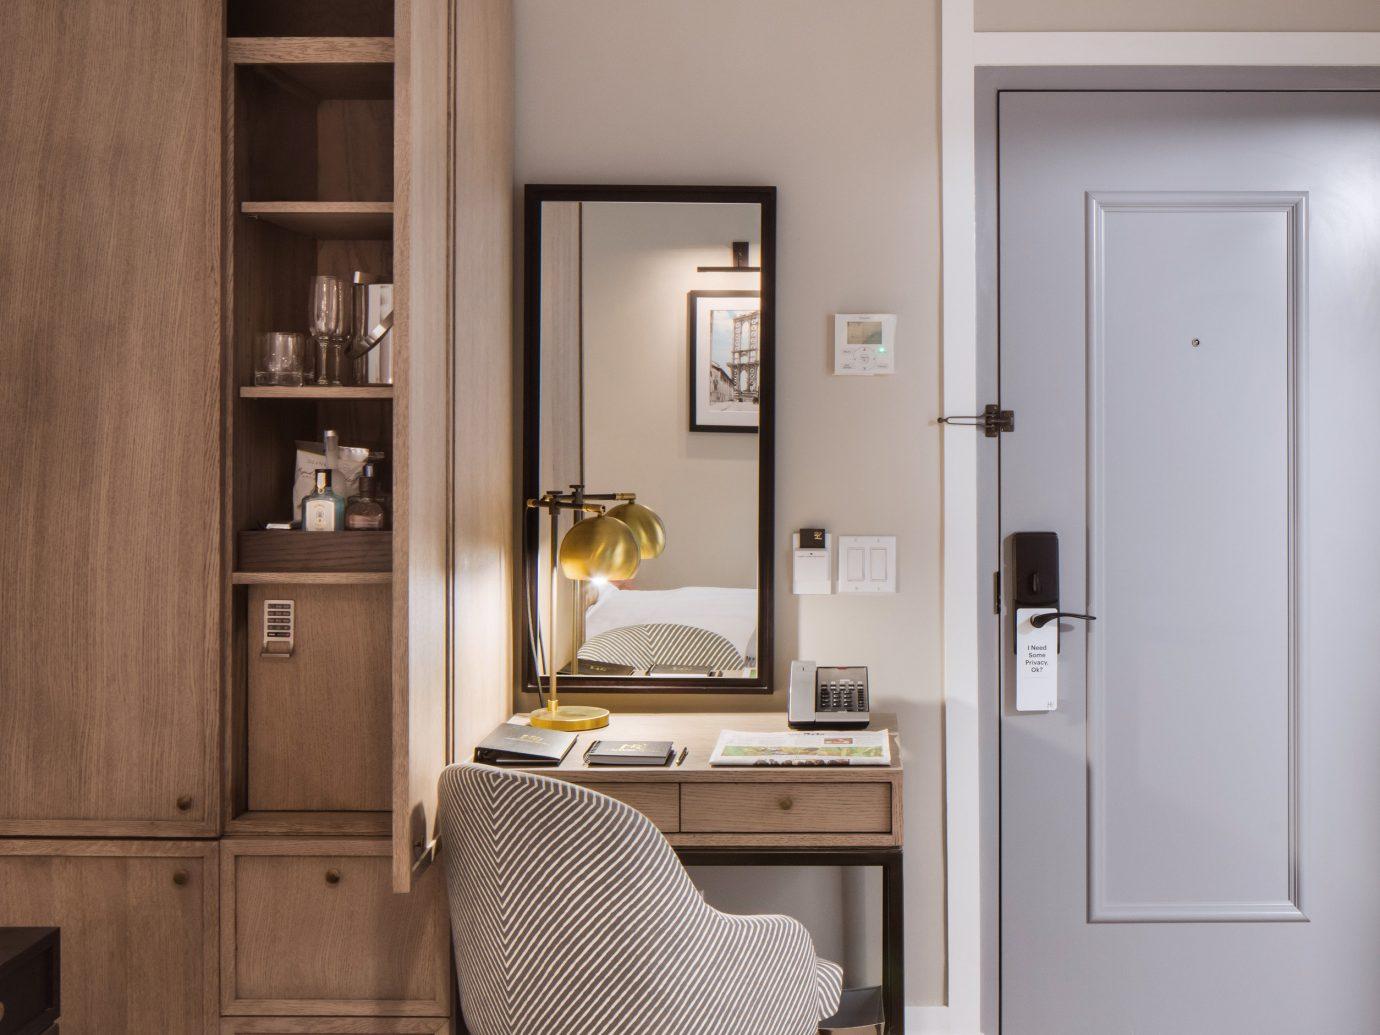 Hotels wall indoor room cabinetry furniture floor home interior design sink cupboard bathroom cabinet door bathroom